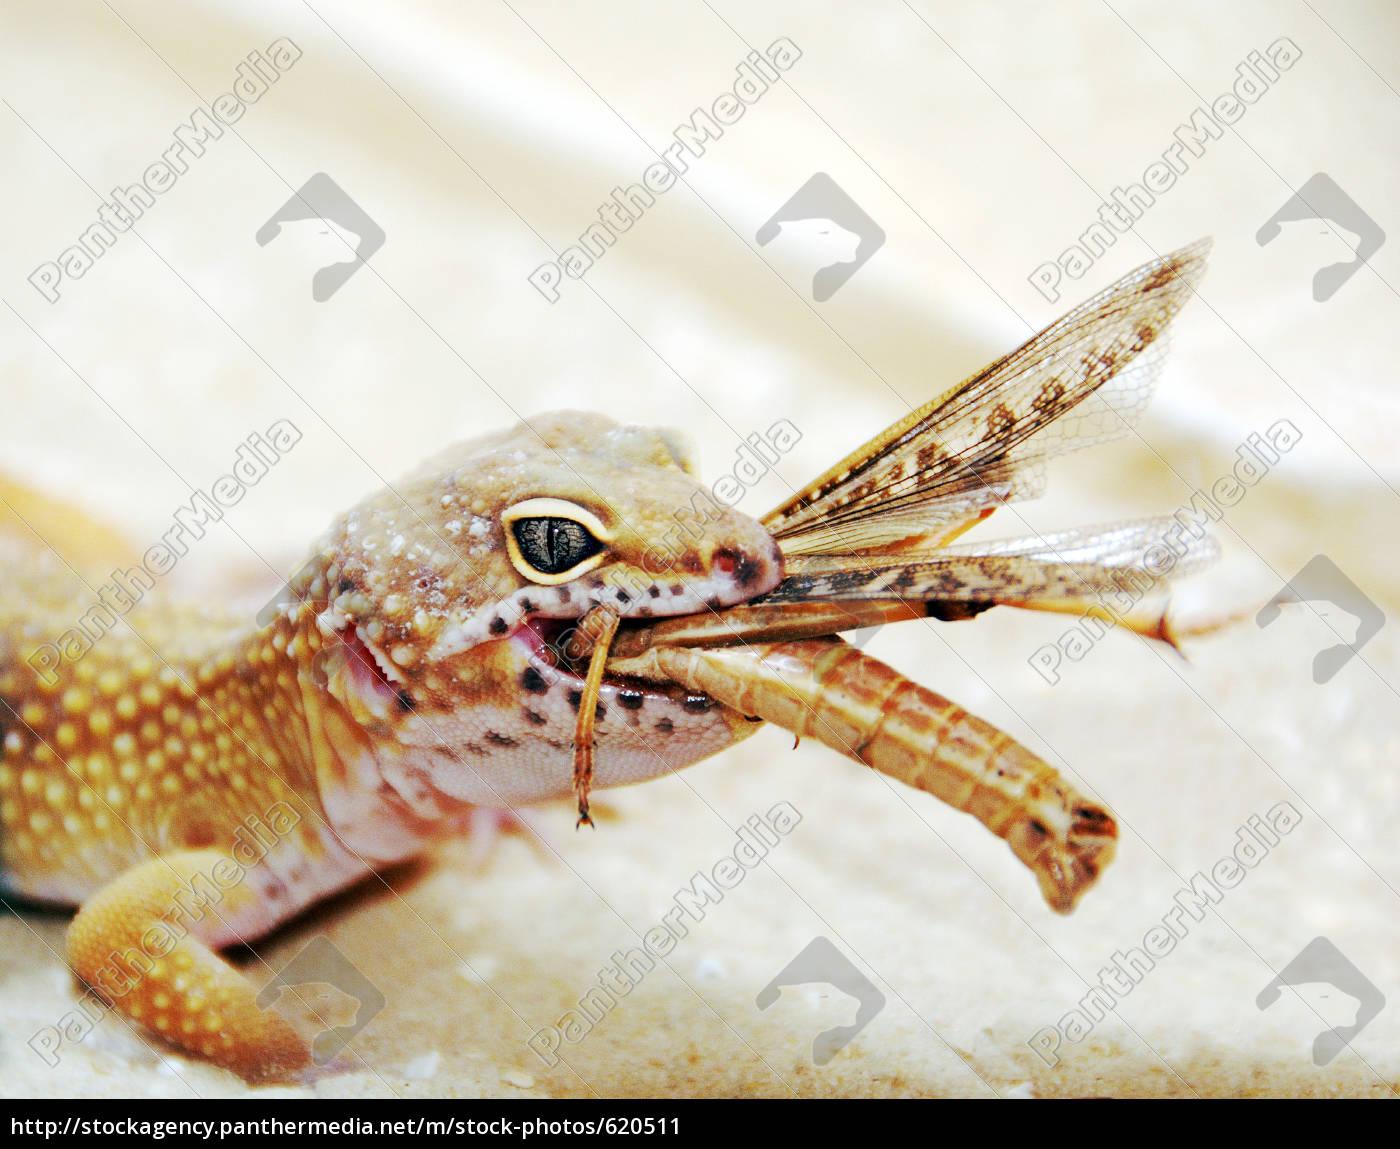 leopard, gecko, during, feeding - 620511